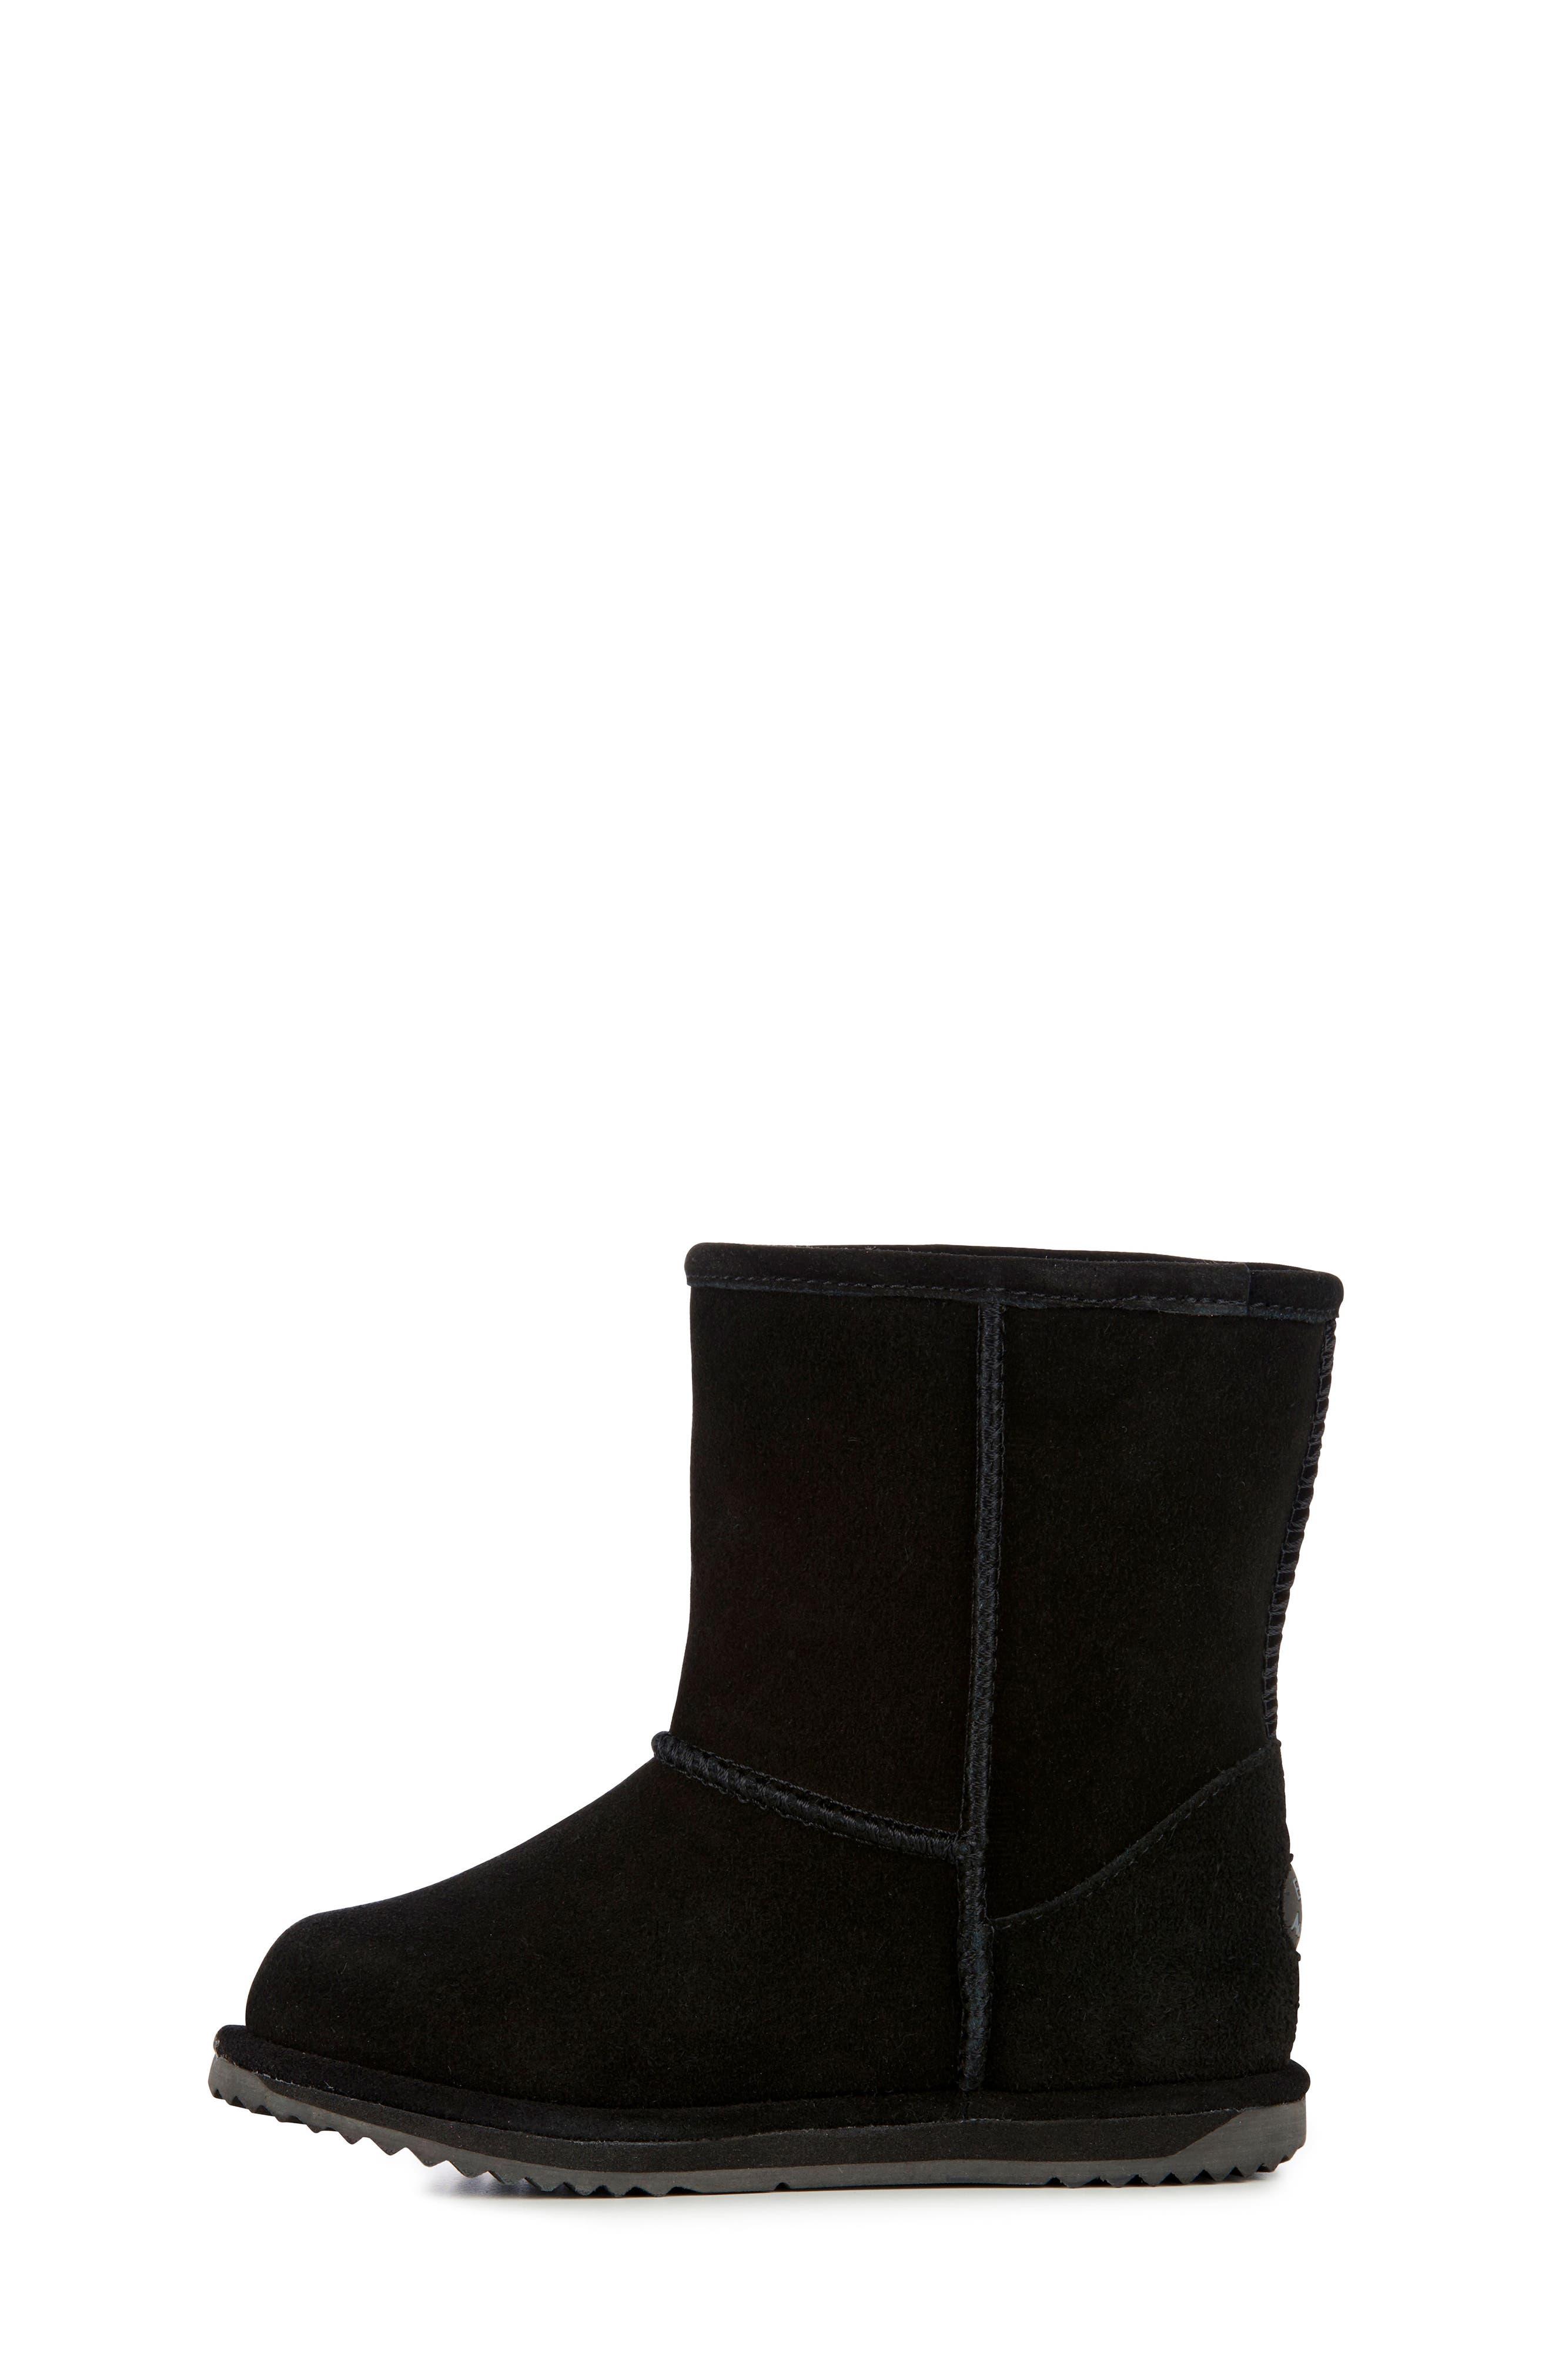 Brumby Waterproof Boot,                             Alternate thumbnail 3, color,                             BLACK SUEDE